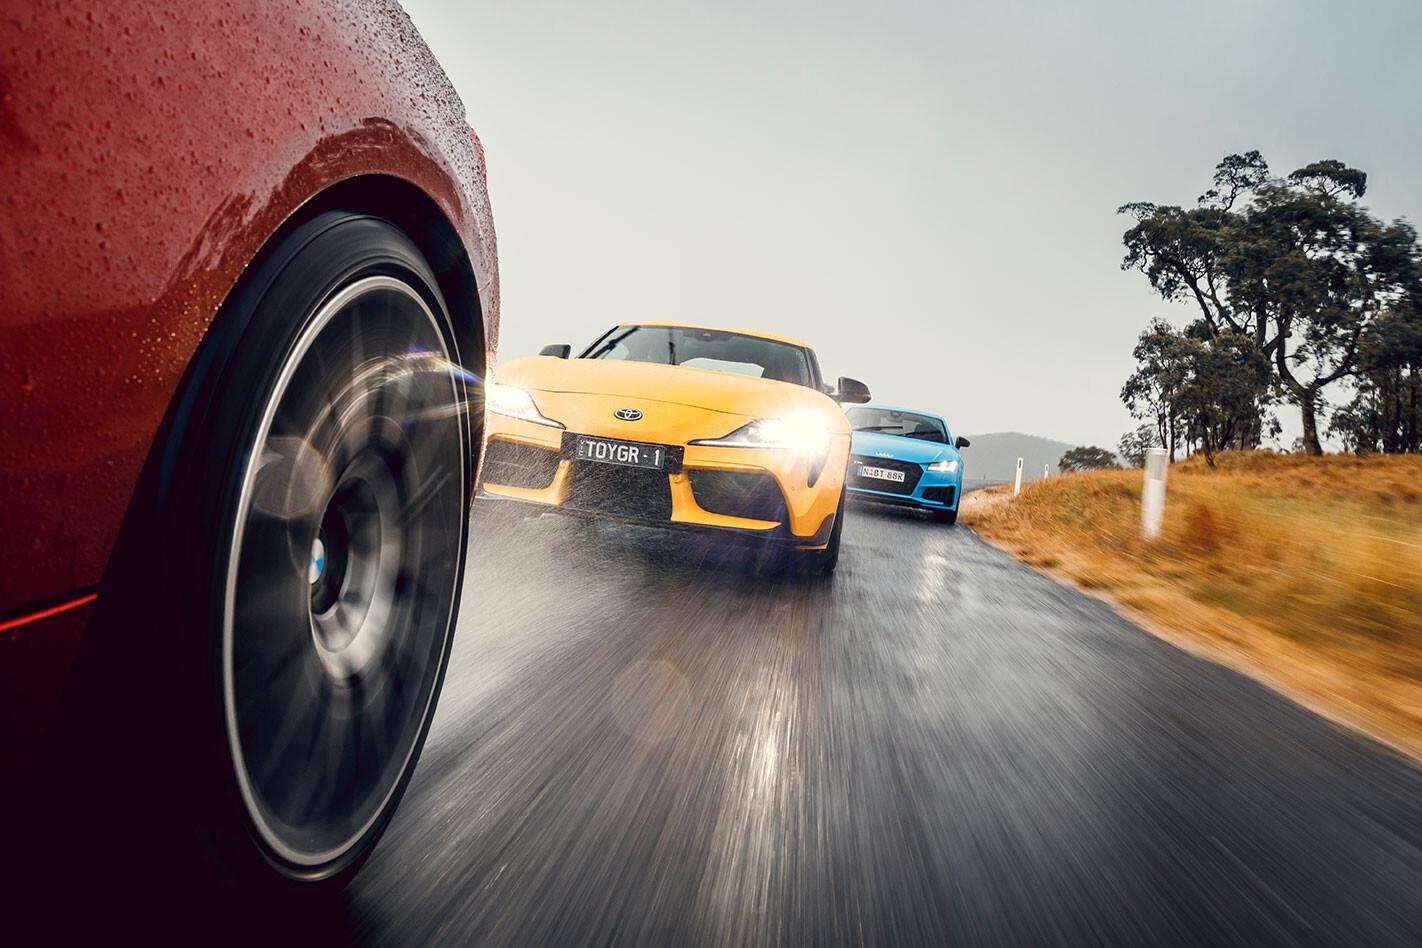 Toyota Supra vs BMW M2 Competition Pure Vs Audi TT S quattro comparo